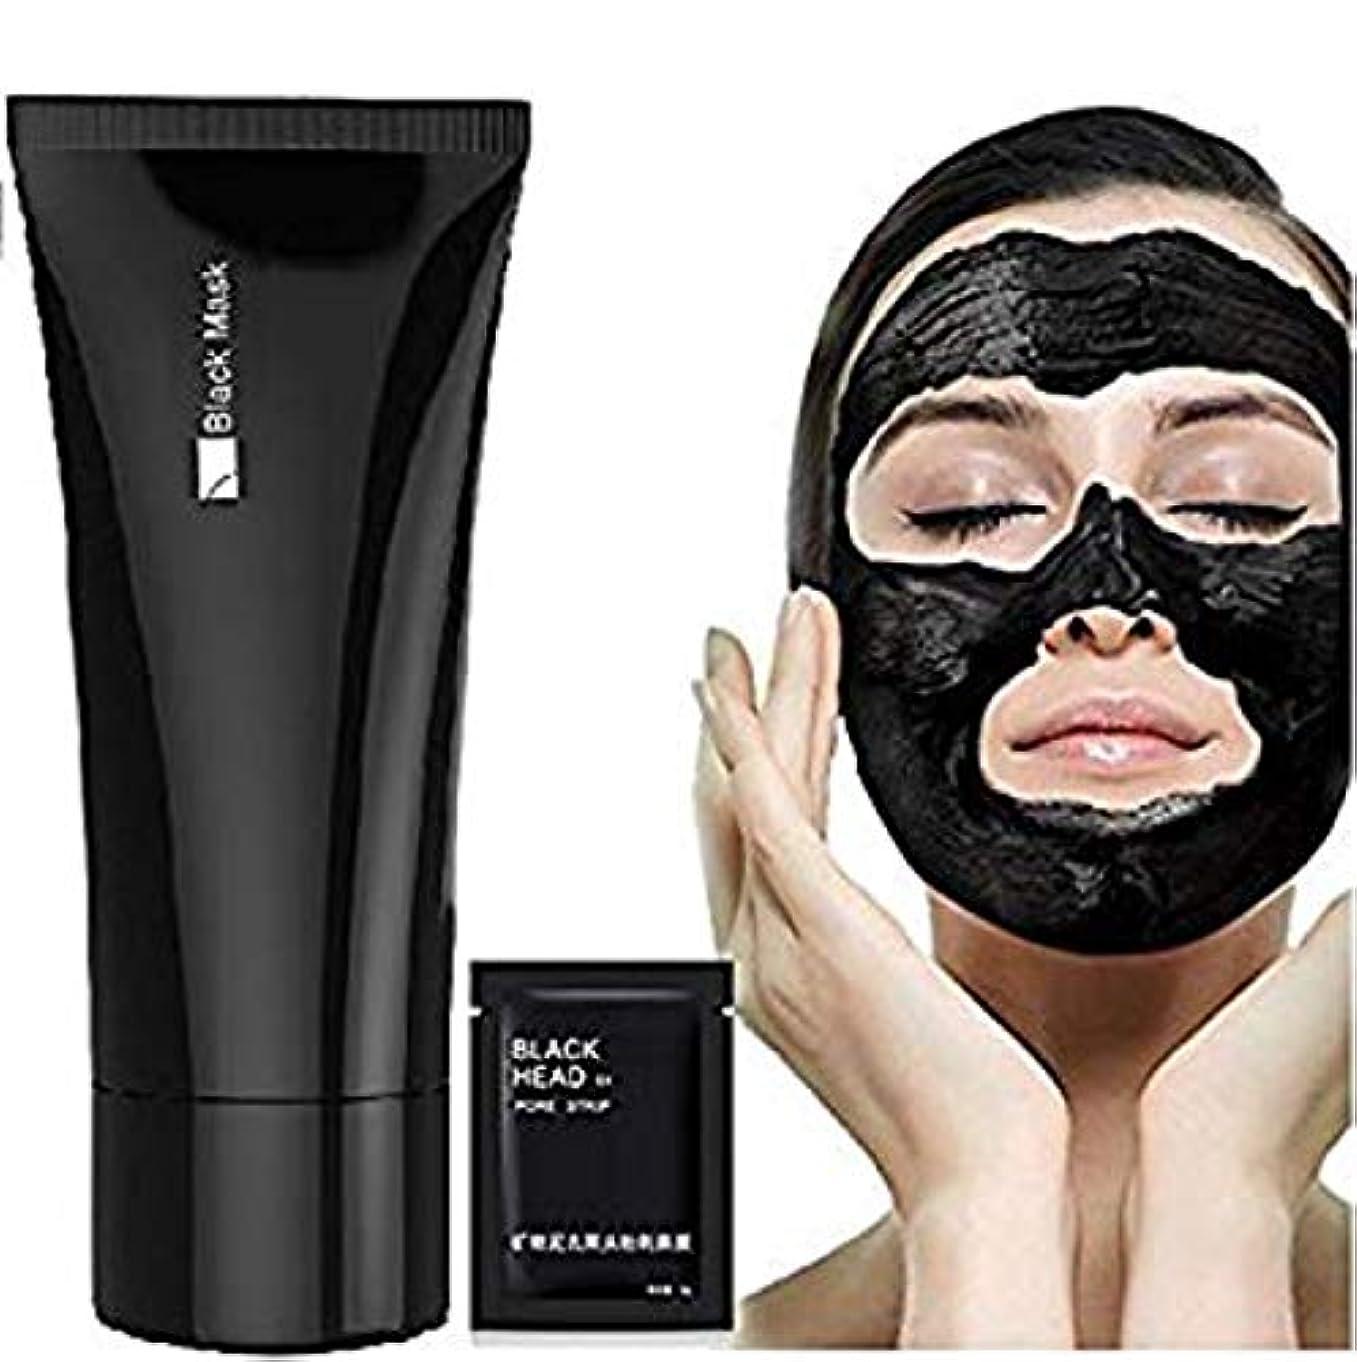 前投薬ハブピカソface apeel facial masks facial cures black mask blackheads peel off mask deep cleansing pore purifying black head...